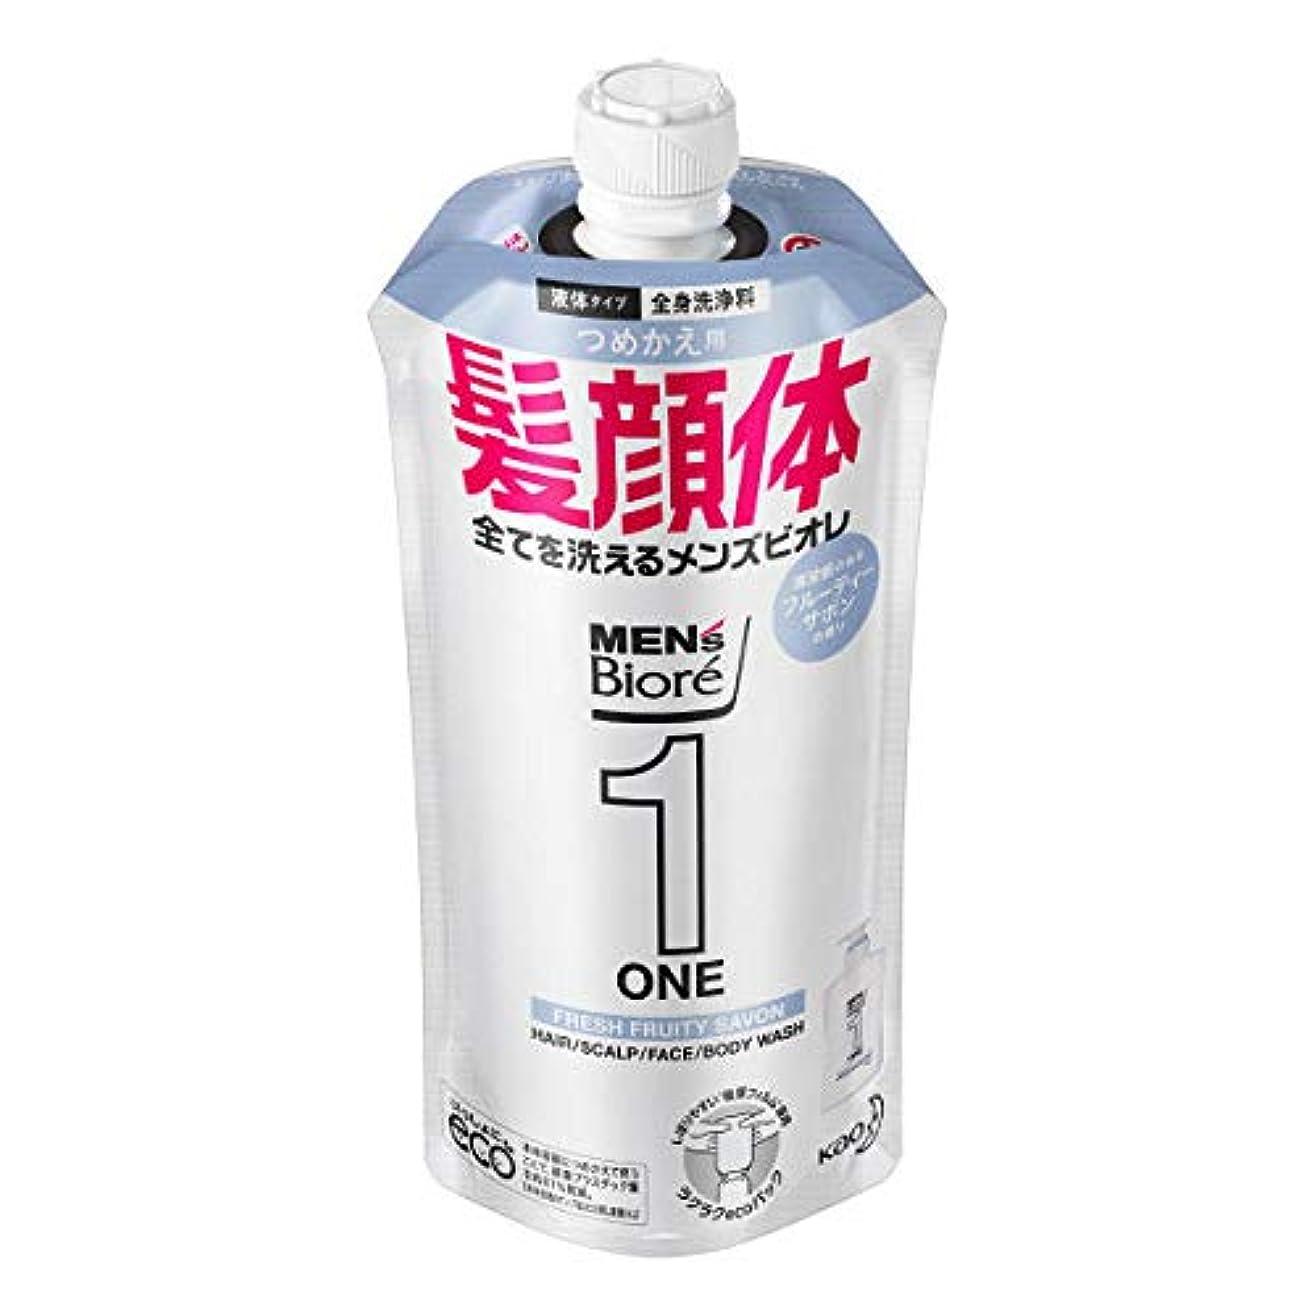 公平な前進後悔メンズビオレONE オールインワン全身洗浄料 清潔感のあるフルーティーサボンの香り つめかえ用 340mL